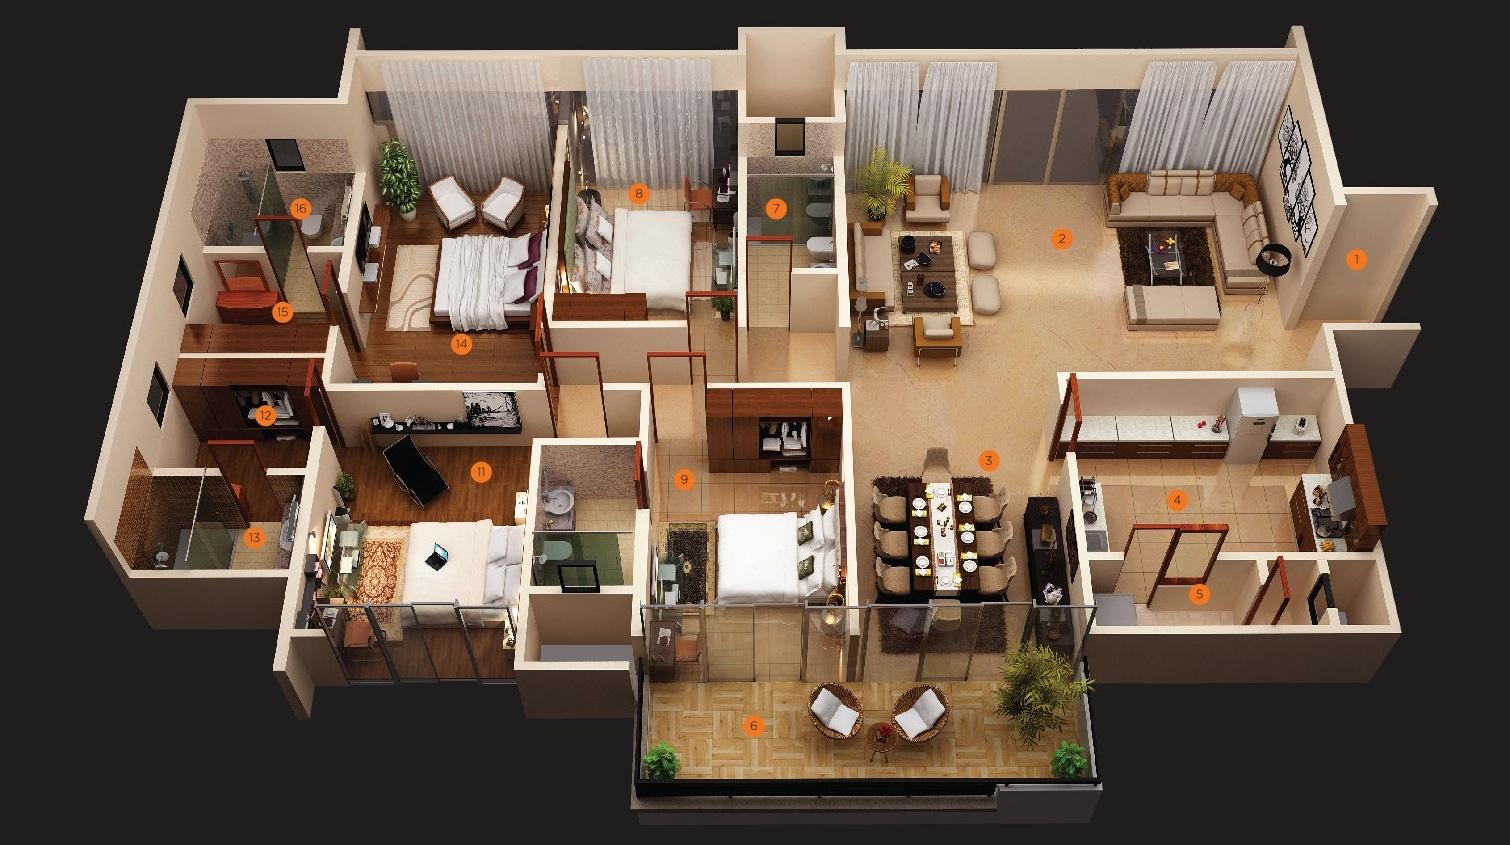 bedroom house plans garage plans blueprin bedroom house bedroom apartment house plans